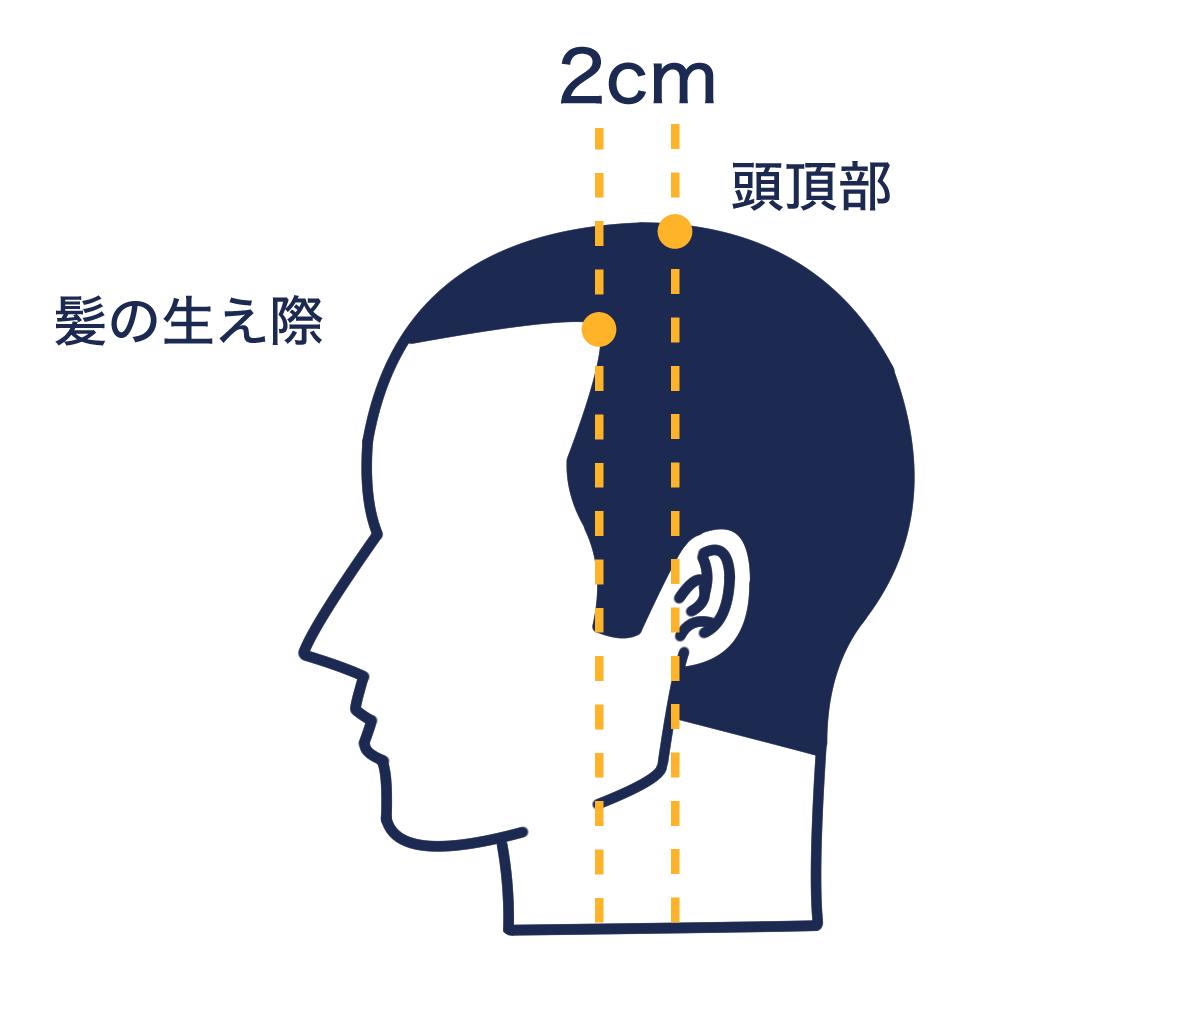 【症状から探す】M字型に進行する脱毛症状の原因